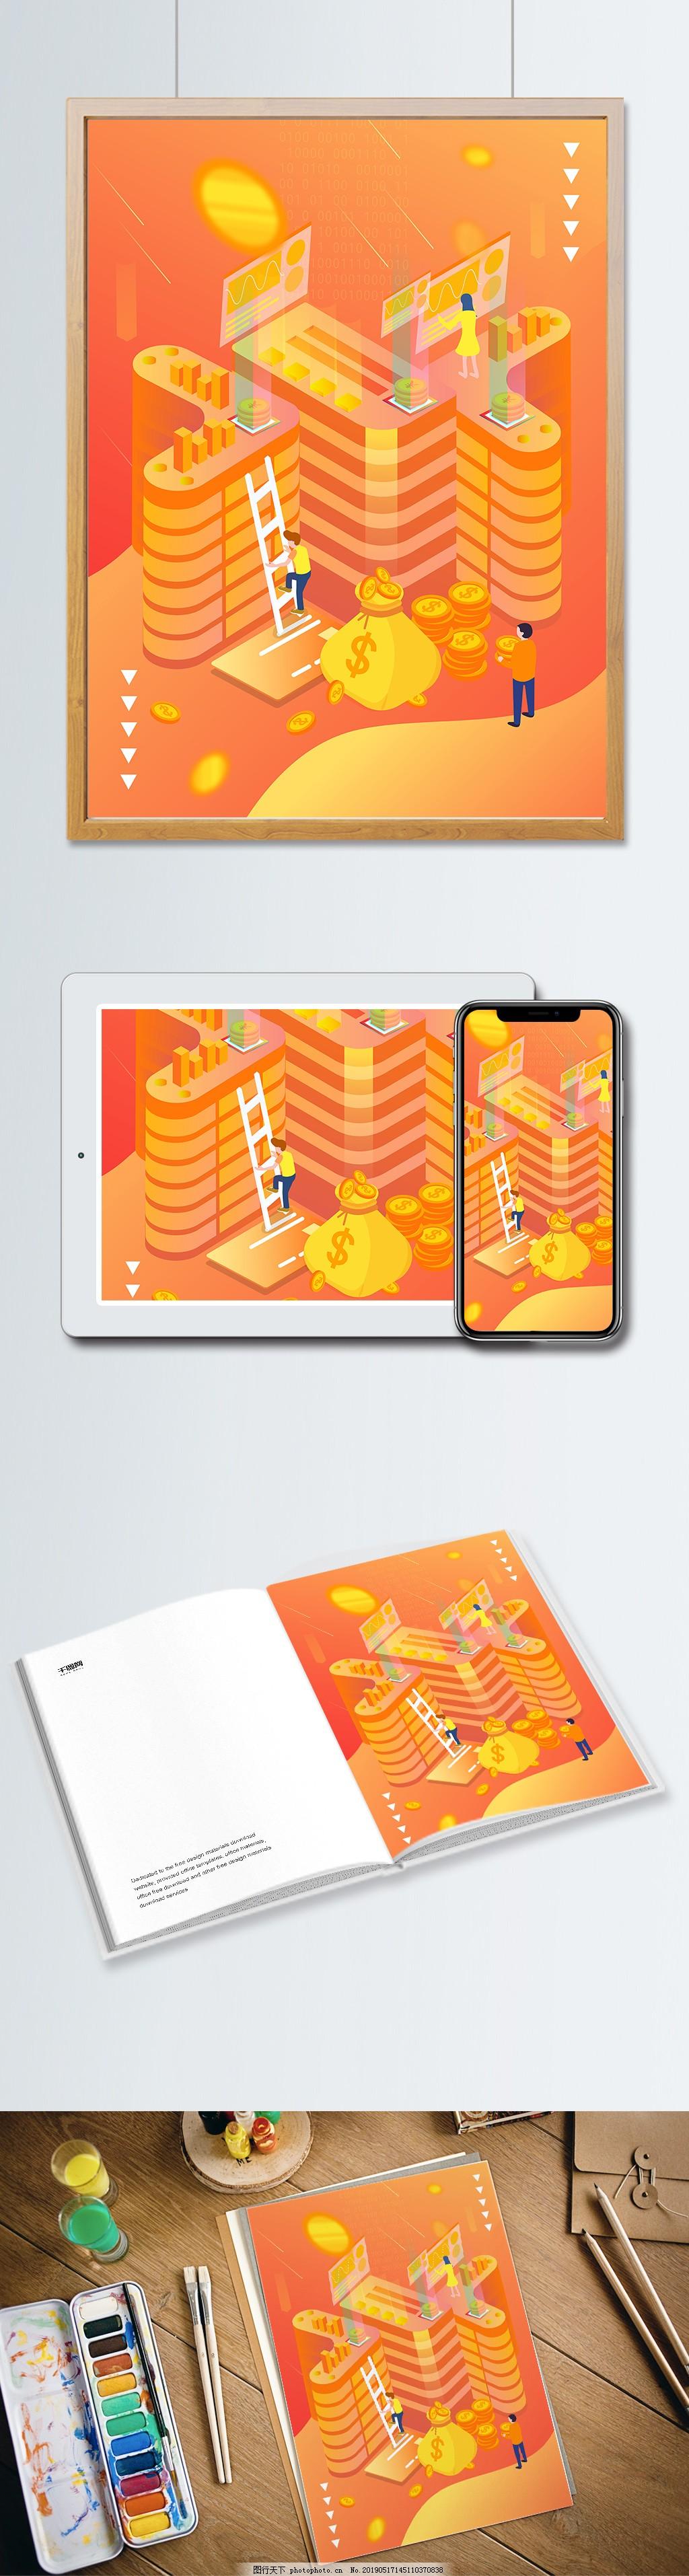 2.5D卡通矢量未来科技金融插画